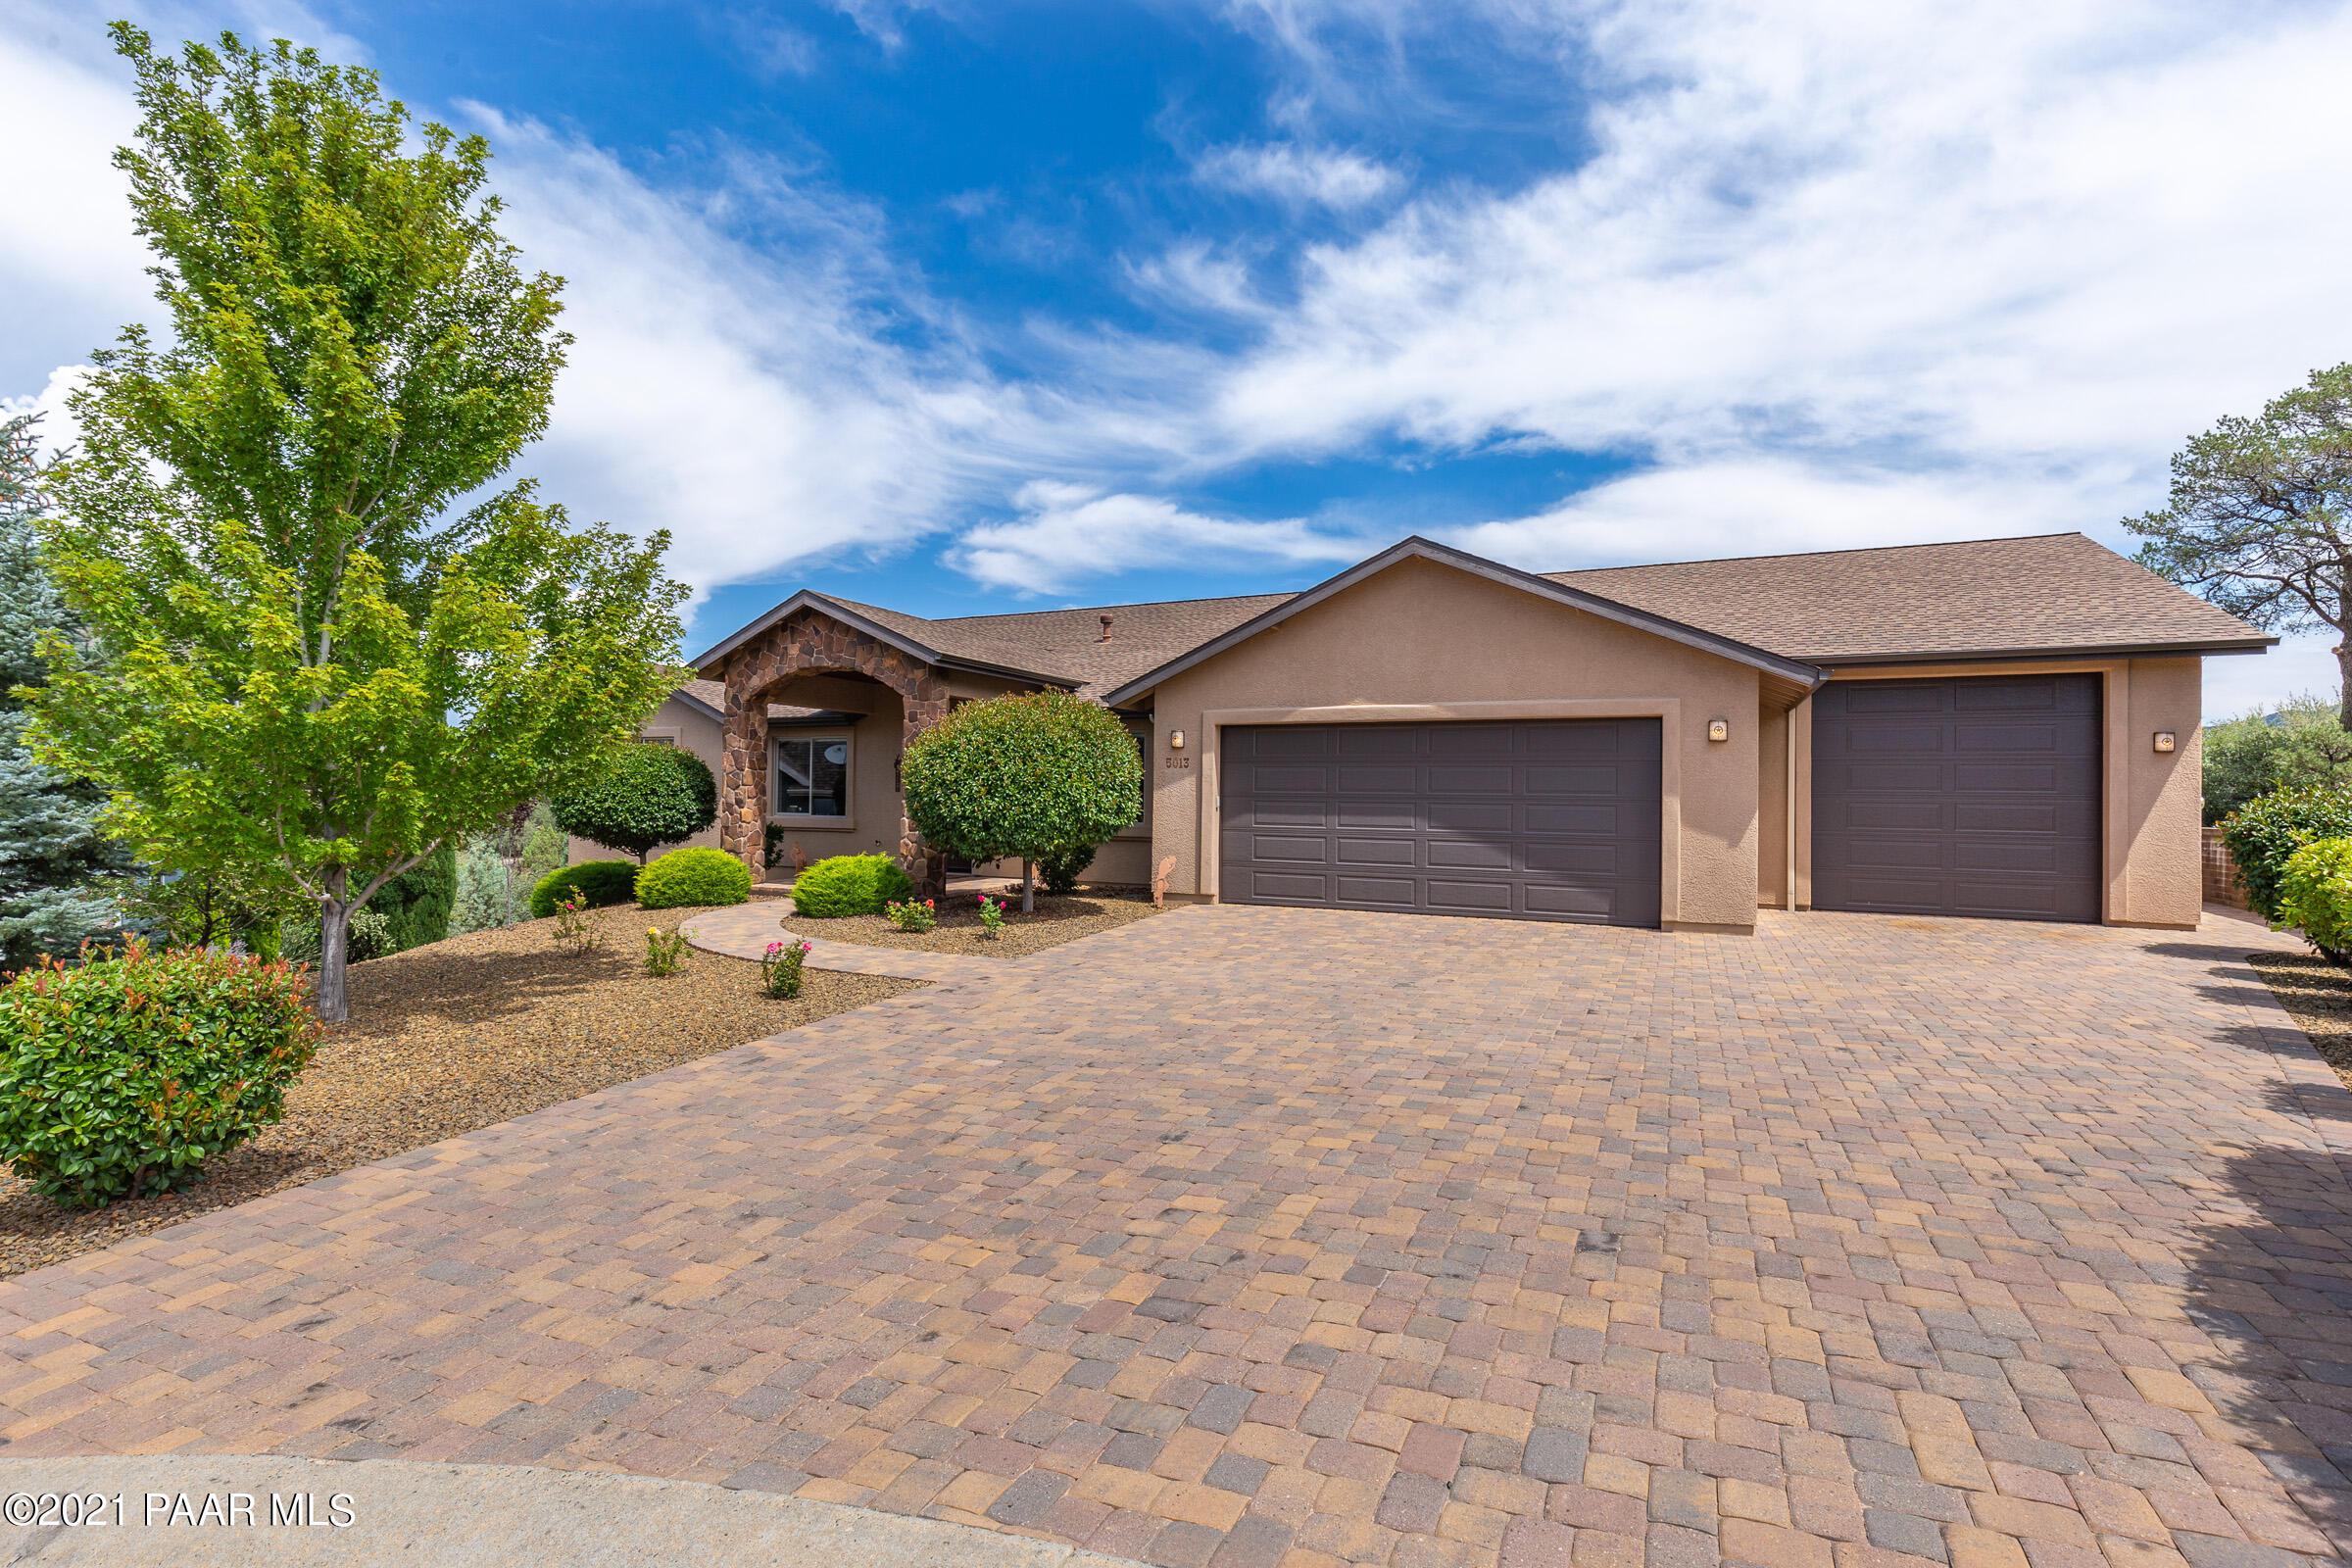 Photo of 5013 Alamitos, Prescott, AZ 86301